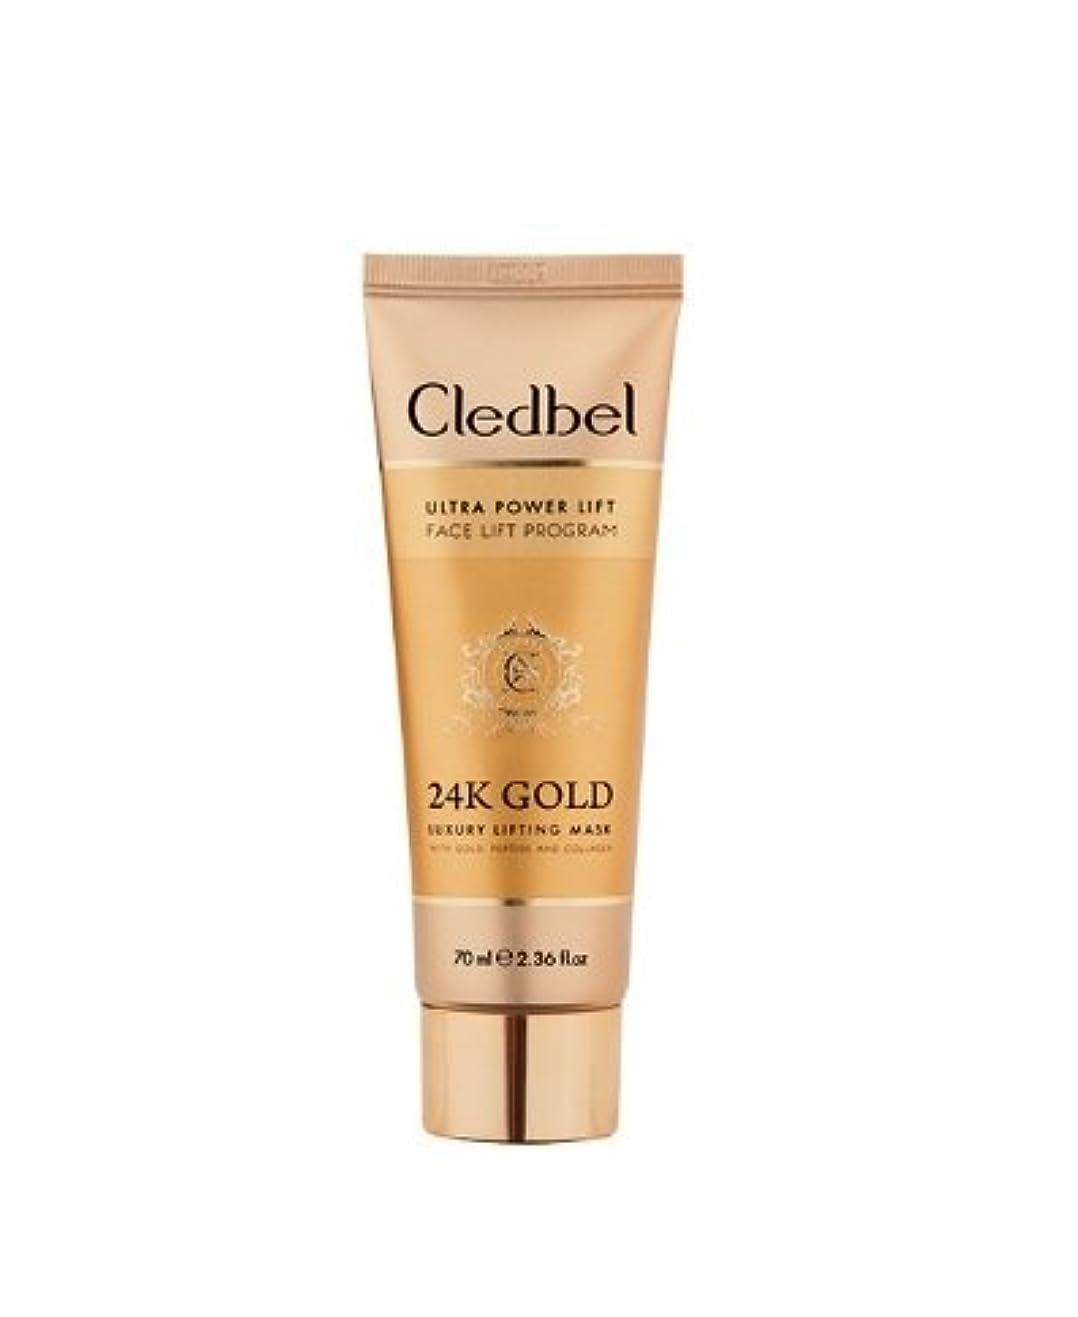 例示するお祝いたとえ[Cledbel]Cledbel Ultra Power Lift 24K Gold Luxury Lifting Mask 70ml